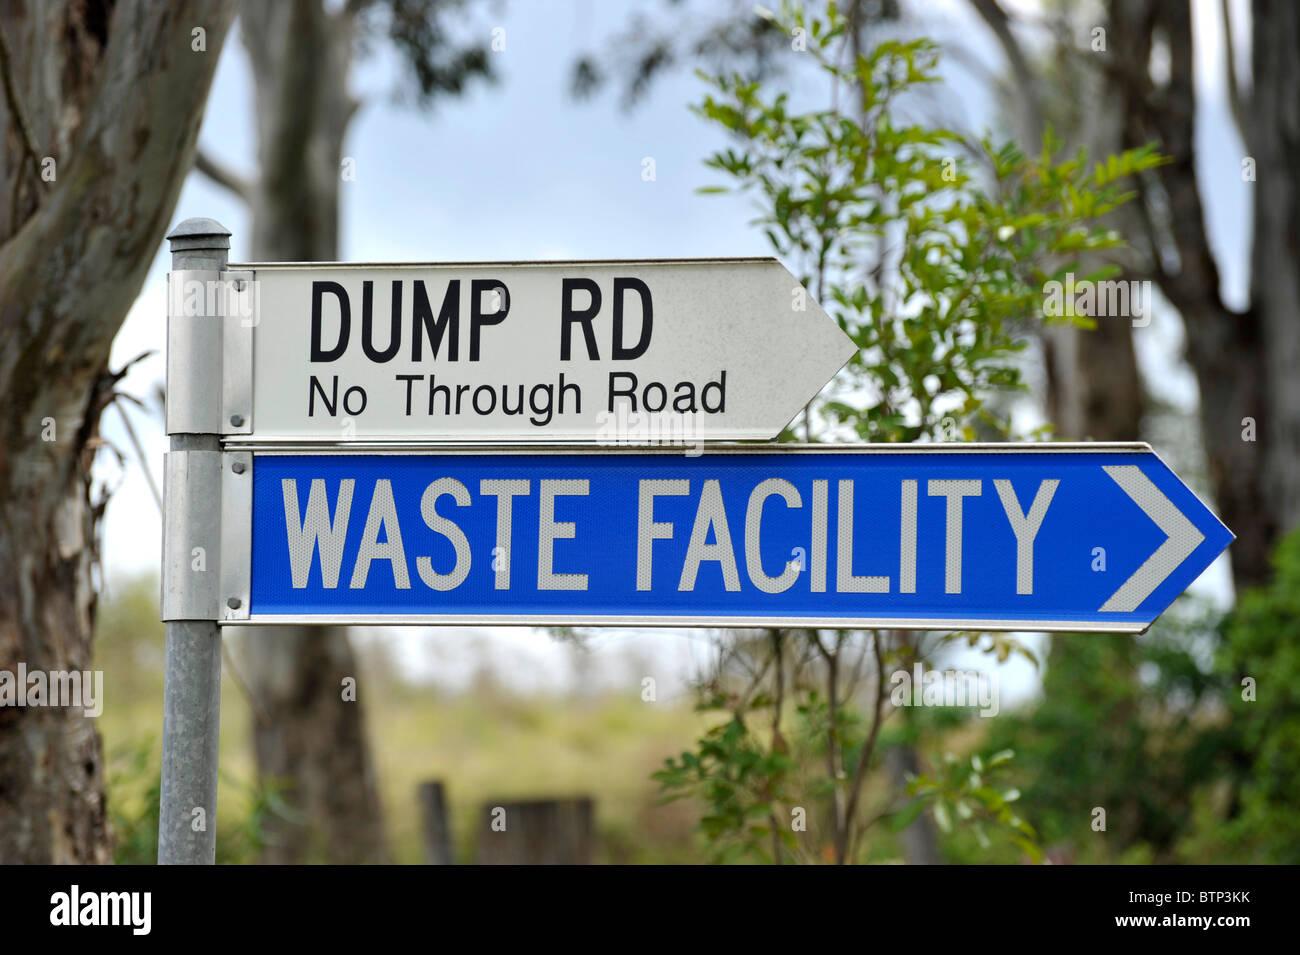 Abfallentsorgungseinrichtung Dump Rd Stockbild